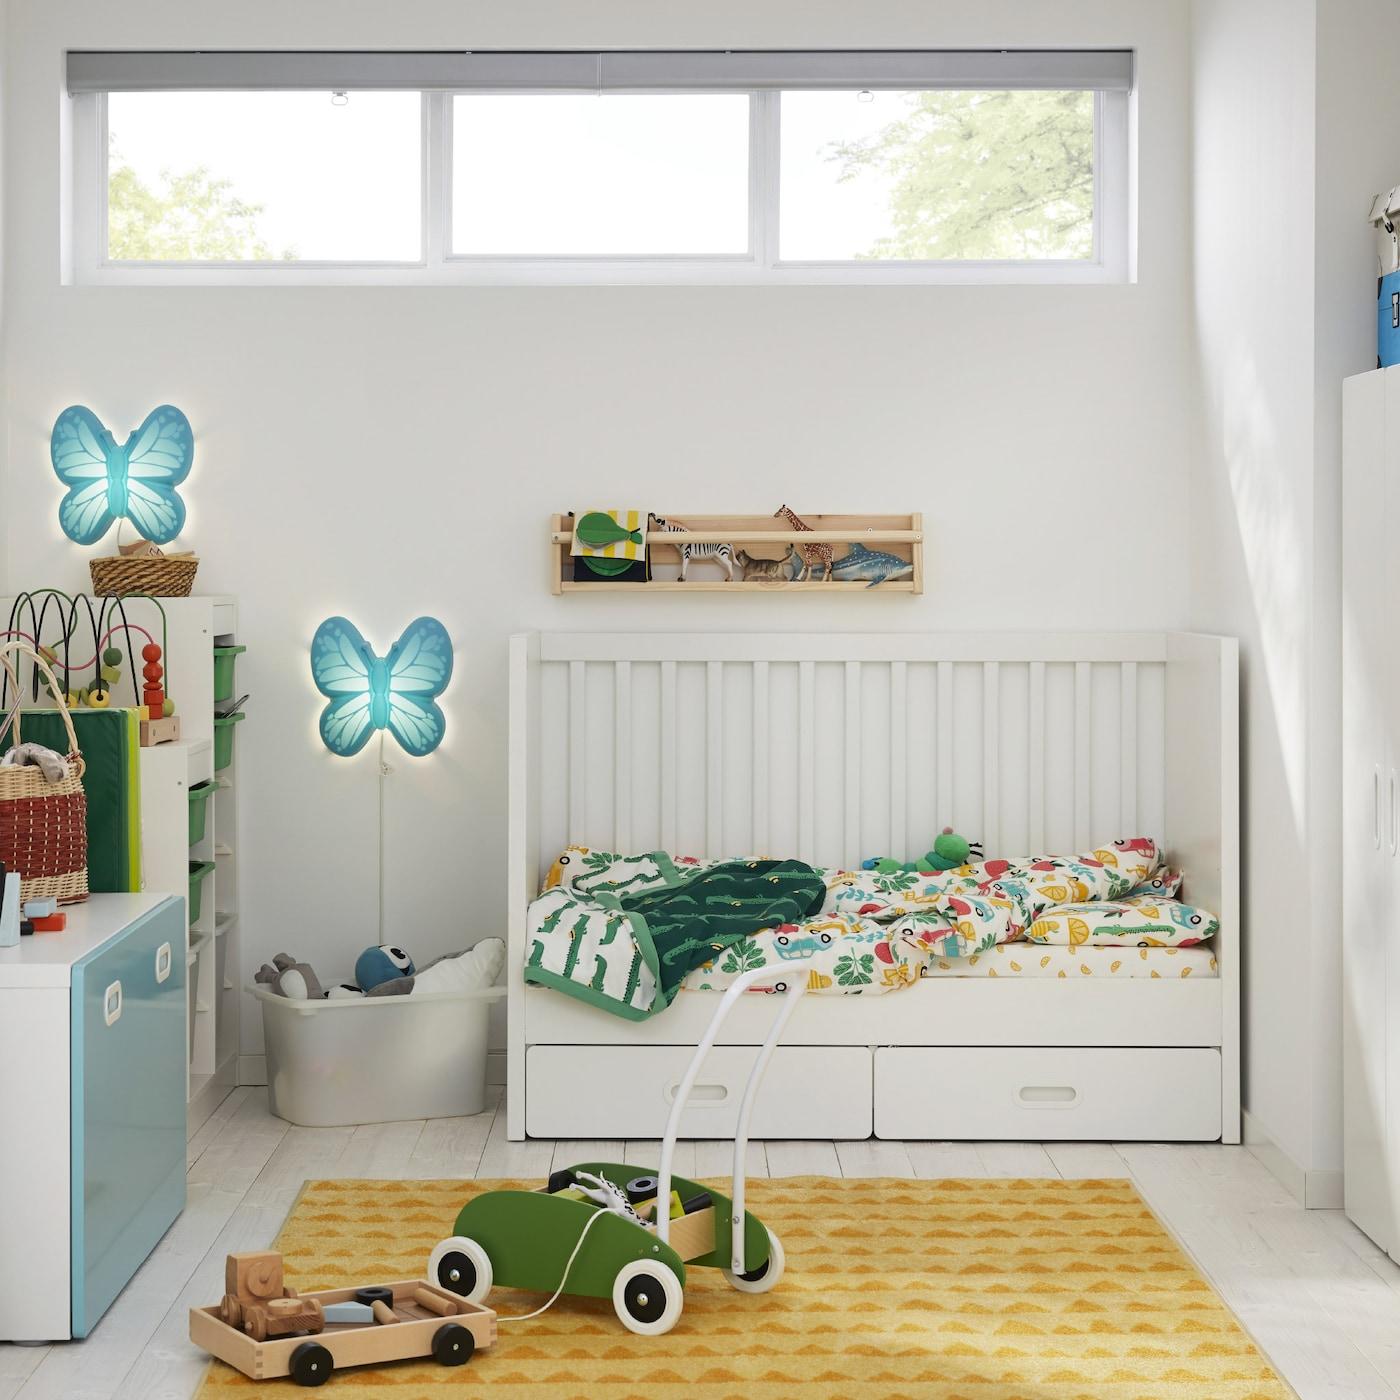 Børneværelse med en hvid tremmeseng, et gult tæppe, en grøn gåvogn og 2 blå, sommerfugleformede væglamper.